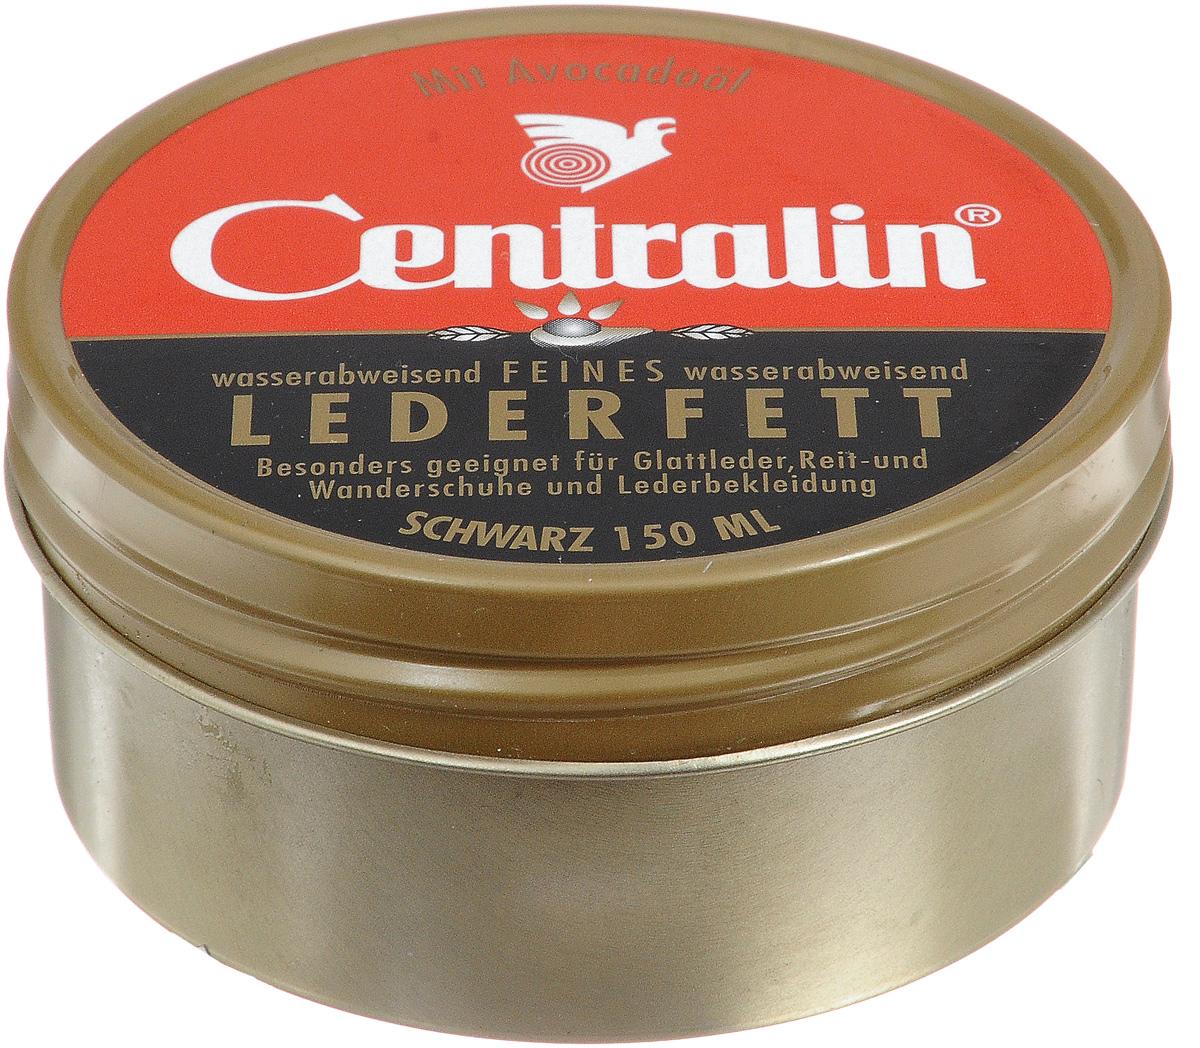 Жир для кожаной обуви Centralin, цвет: черный, 150 мл жир для кожаной обуви centralin цвет бесцветный 150 мл уцененный товар 3